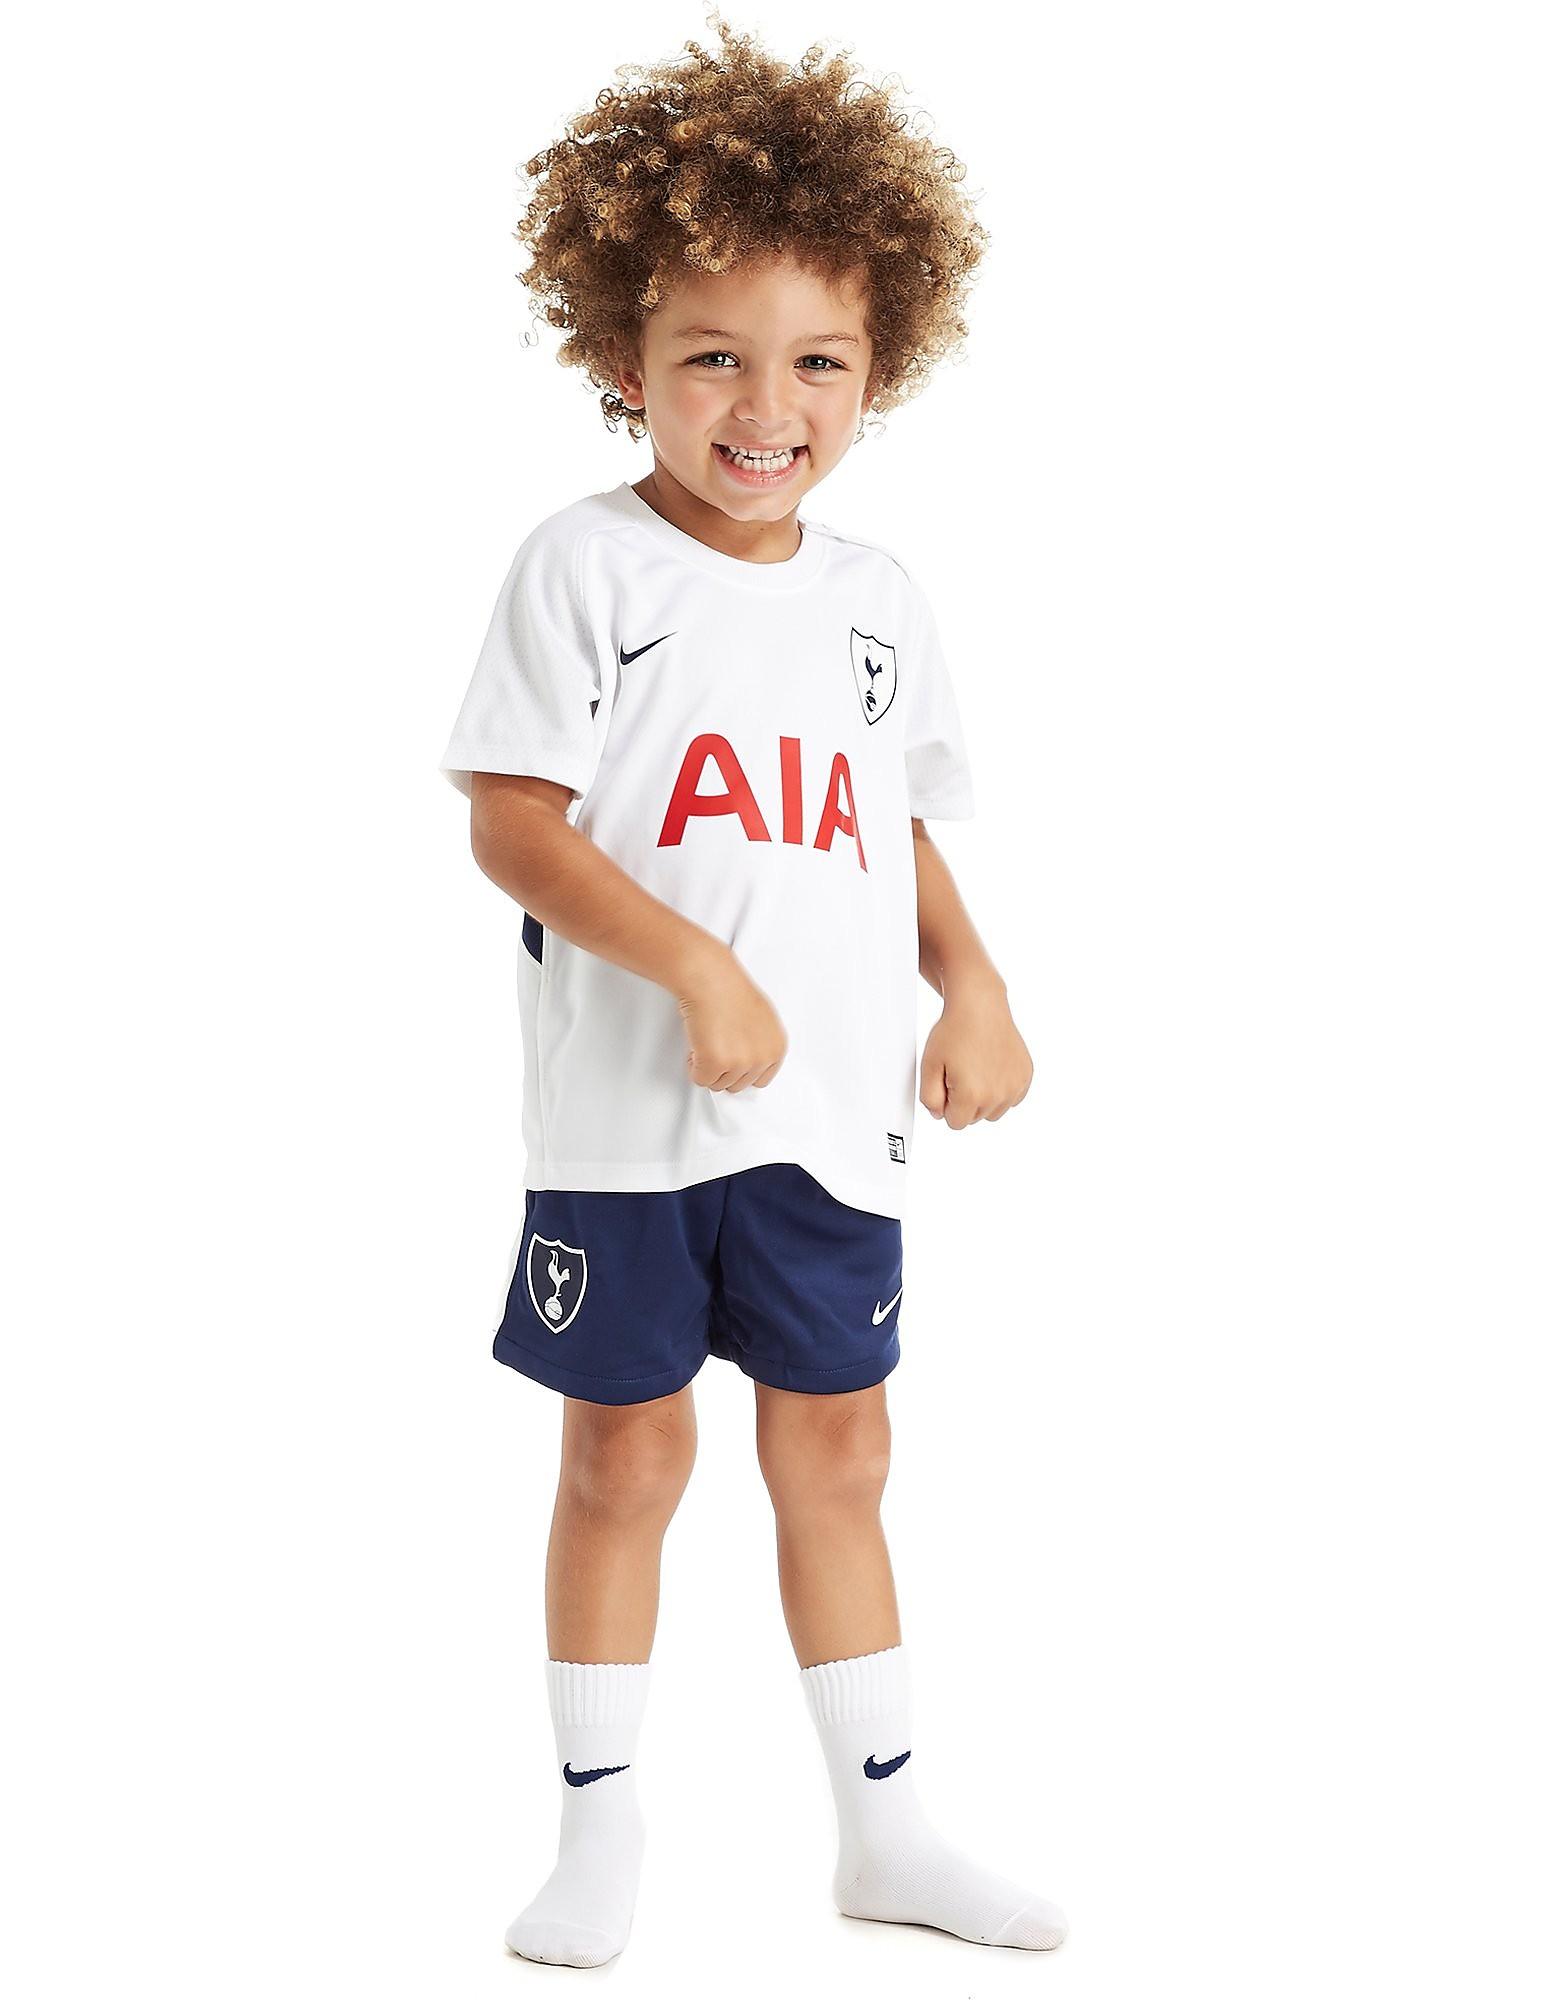 Nike Tottenham Hotspur 2017/18 Home Kit Infant PRE ORDE